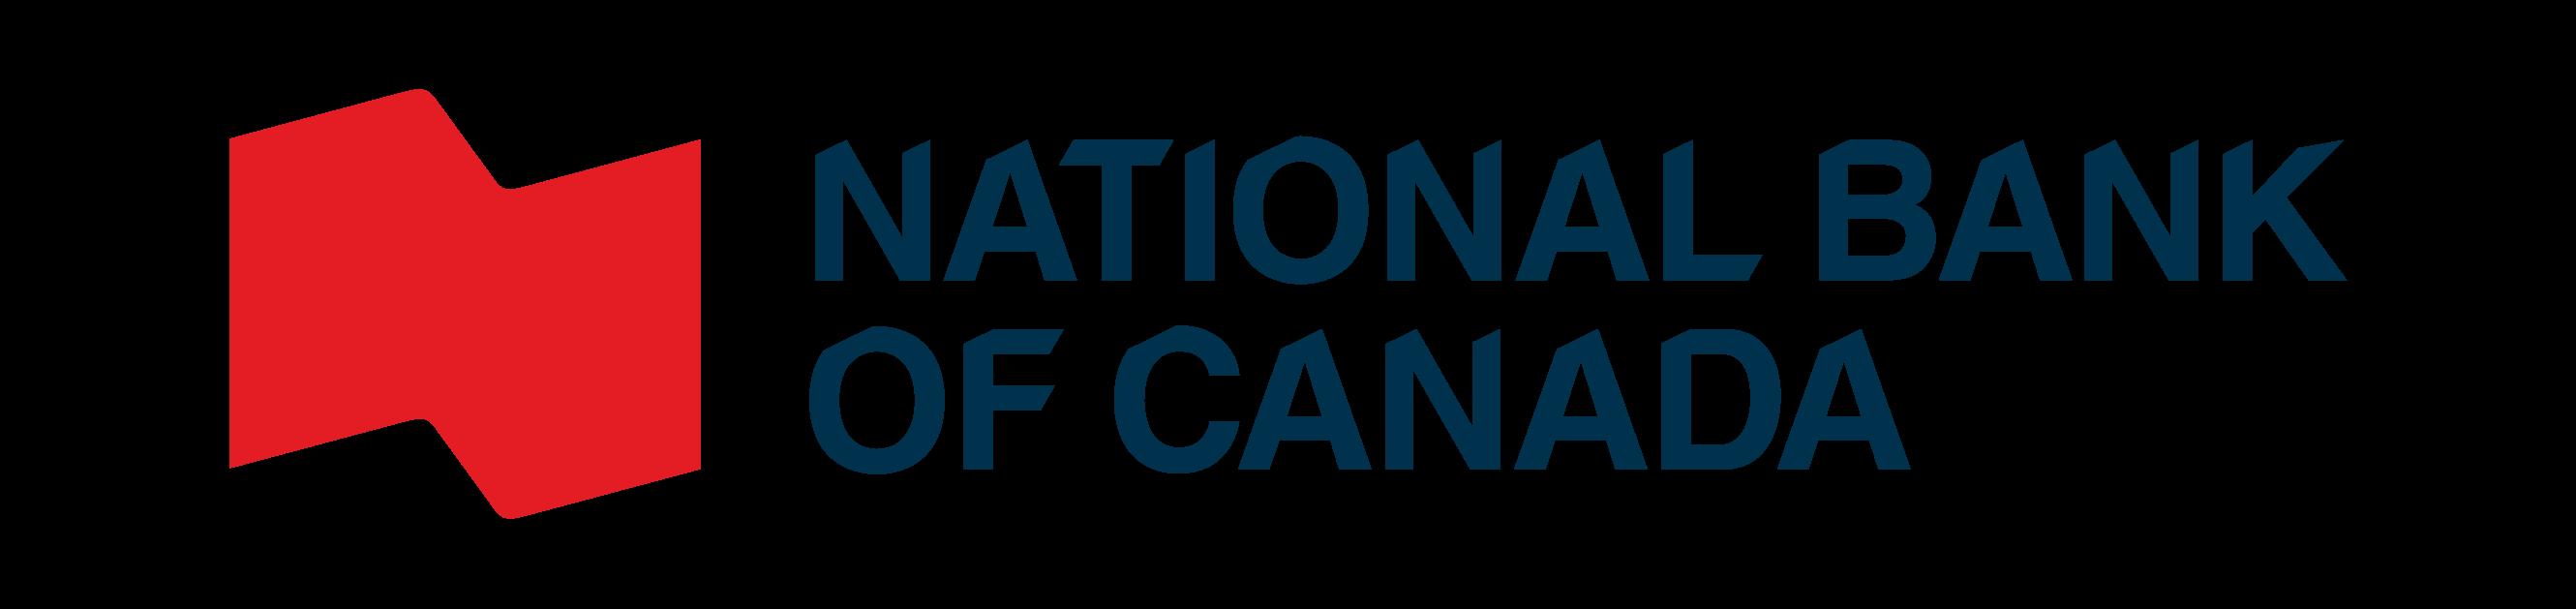 カナダ・ナショナル銀行のロゴ